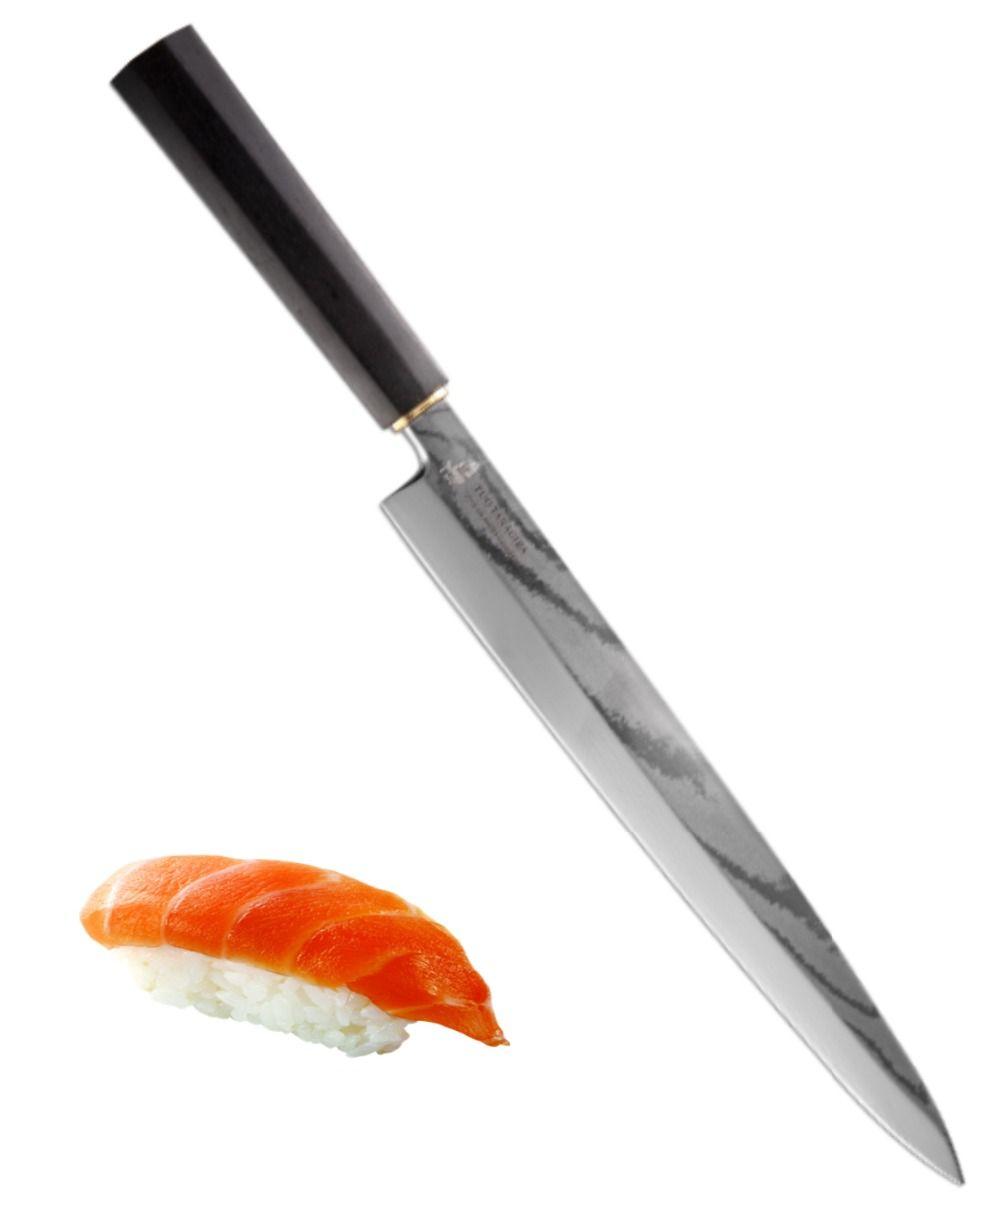 Yanagiba Sashimi Sushi Slicing Knife VG10 Japanese Damascus Stainless Steel TUO 8.25